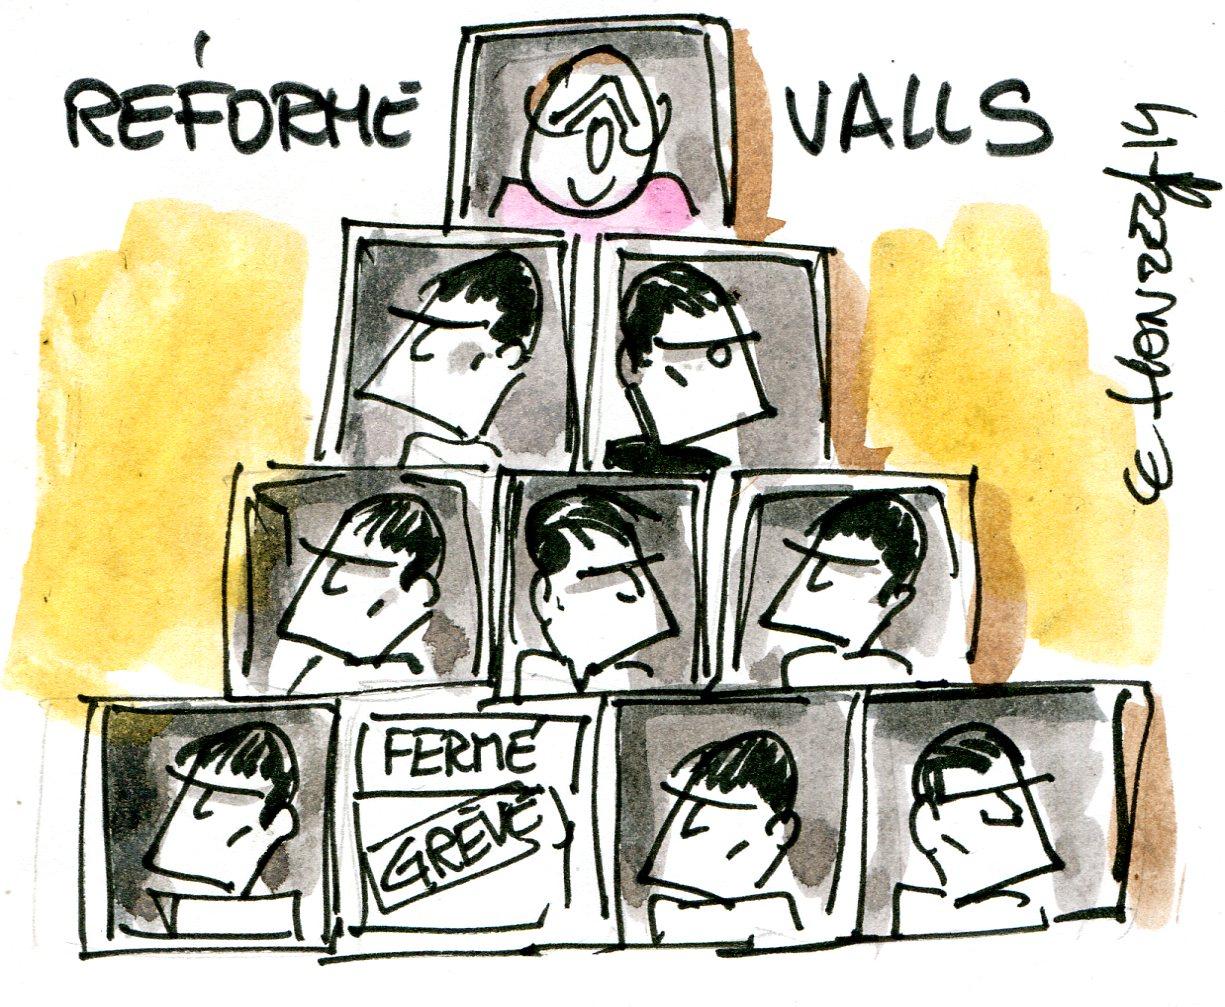 René réforme valls